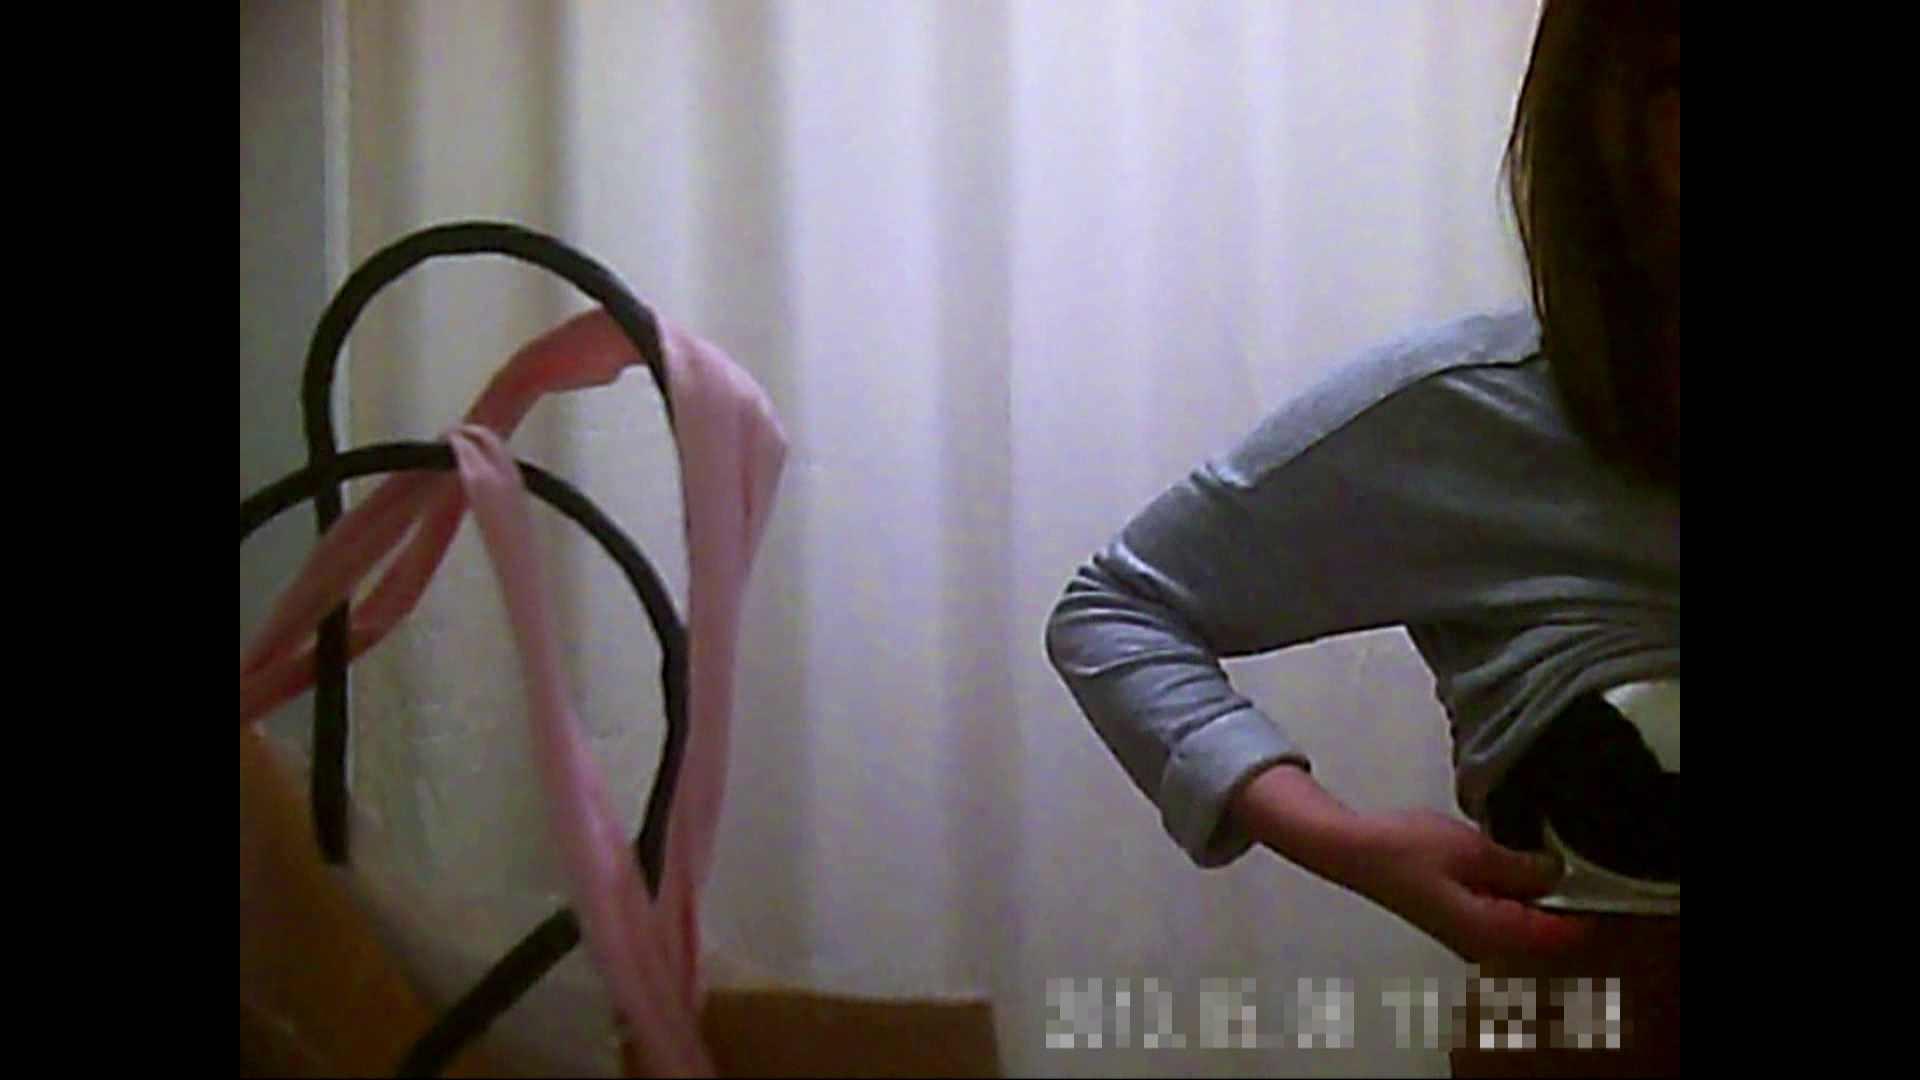 元医者による反抗 更衣室地獄絵巻 vol.088 OLの実態   0  87pic 13